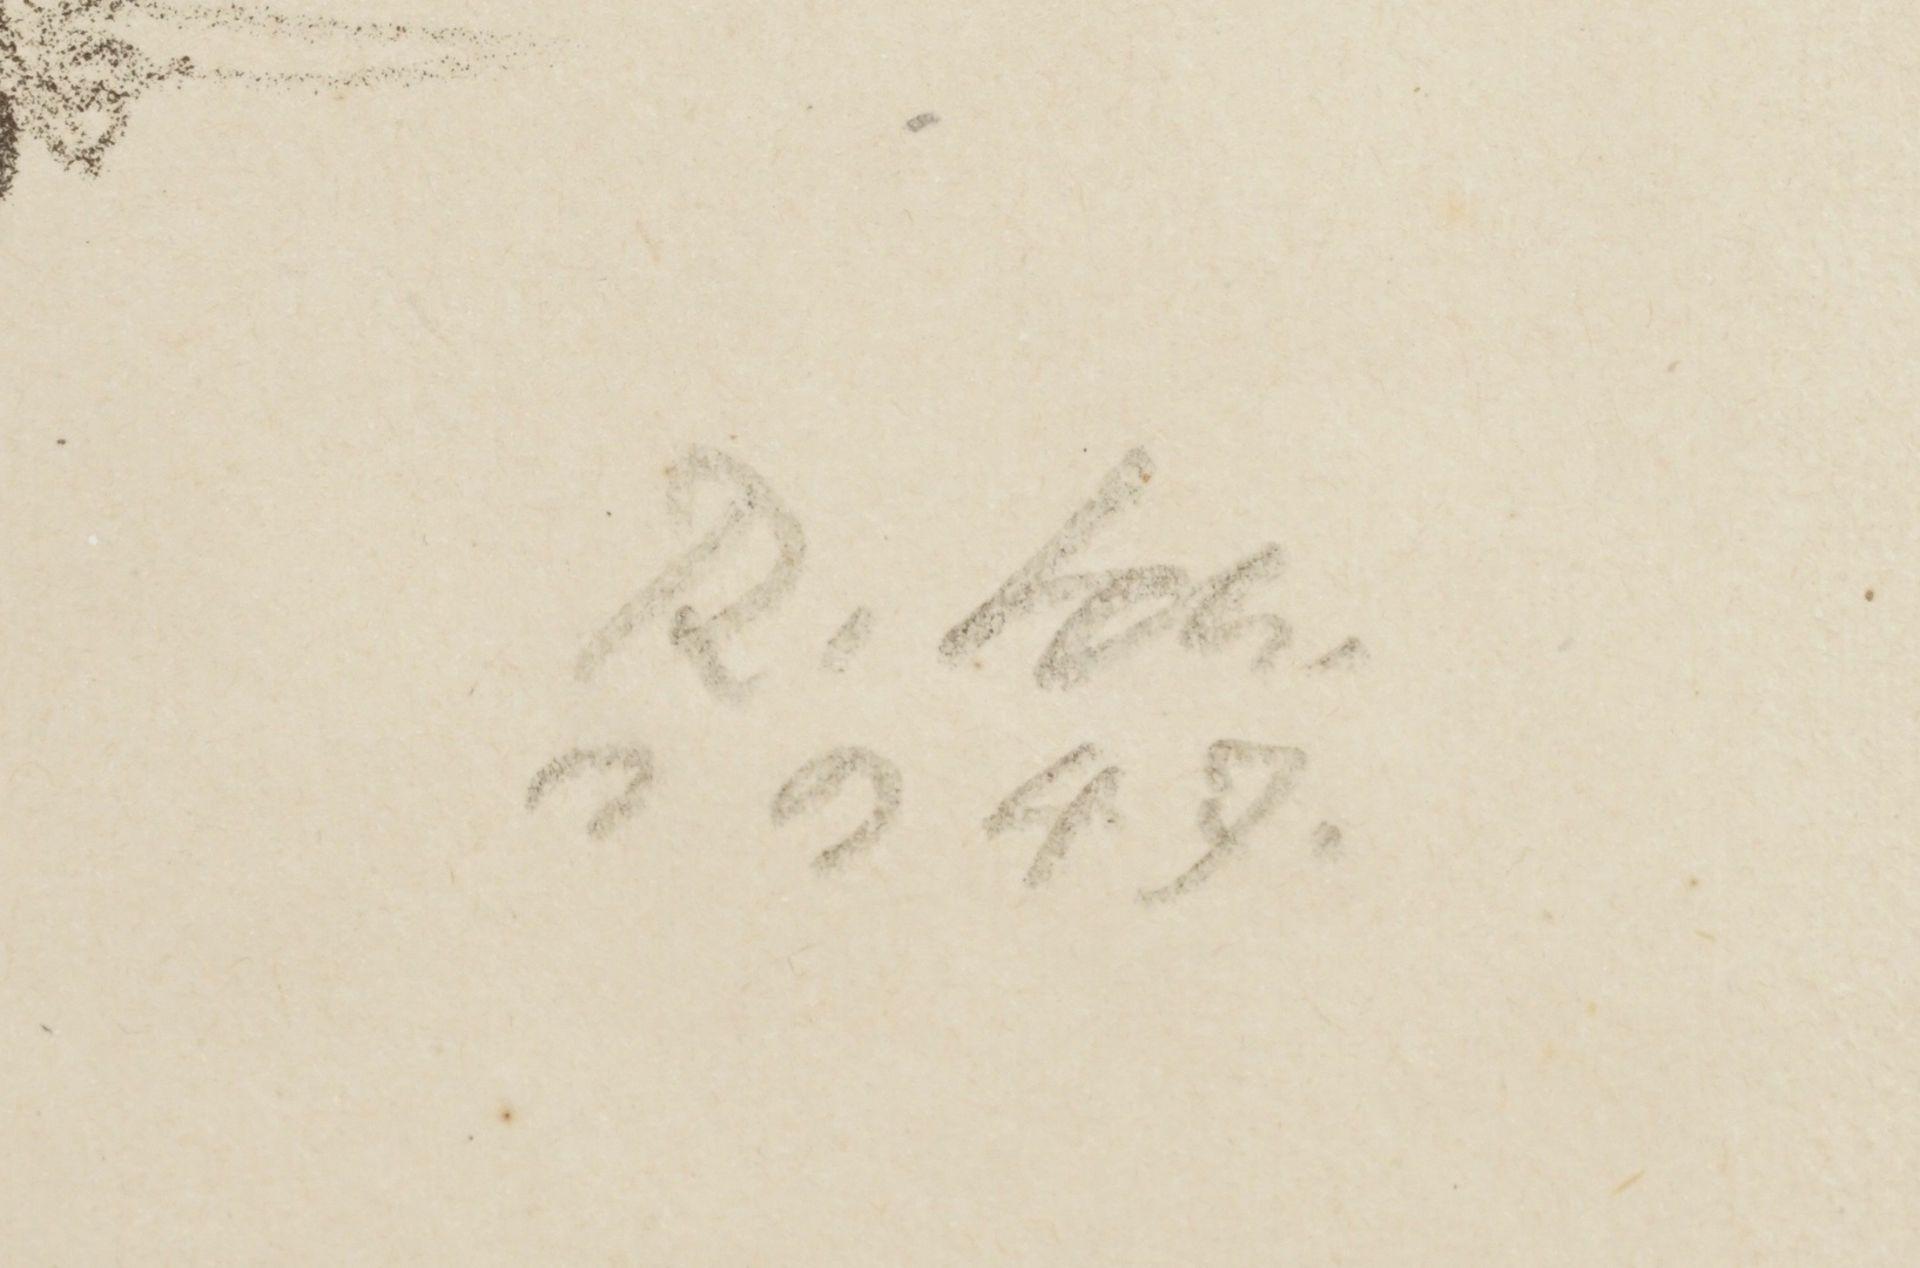 Richard Scheibe, Stehender männlicher Akt mit erhobenen Armen - Bild 4 aus 4